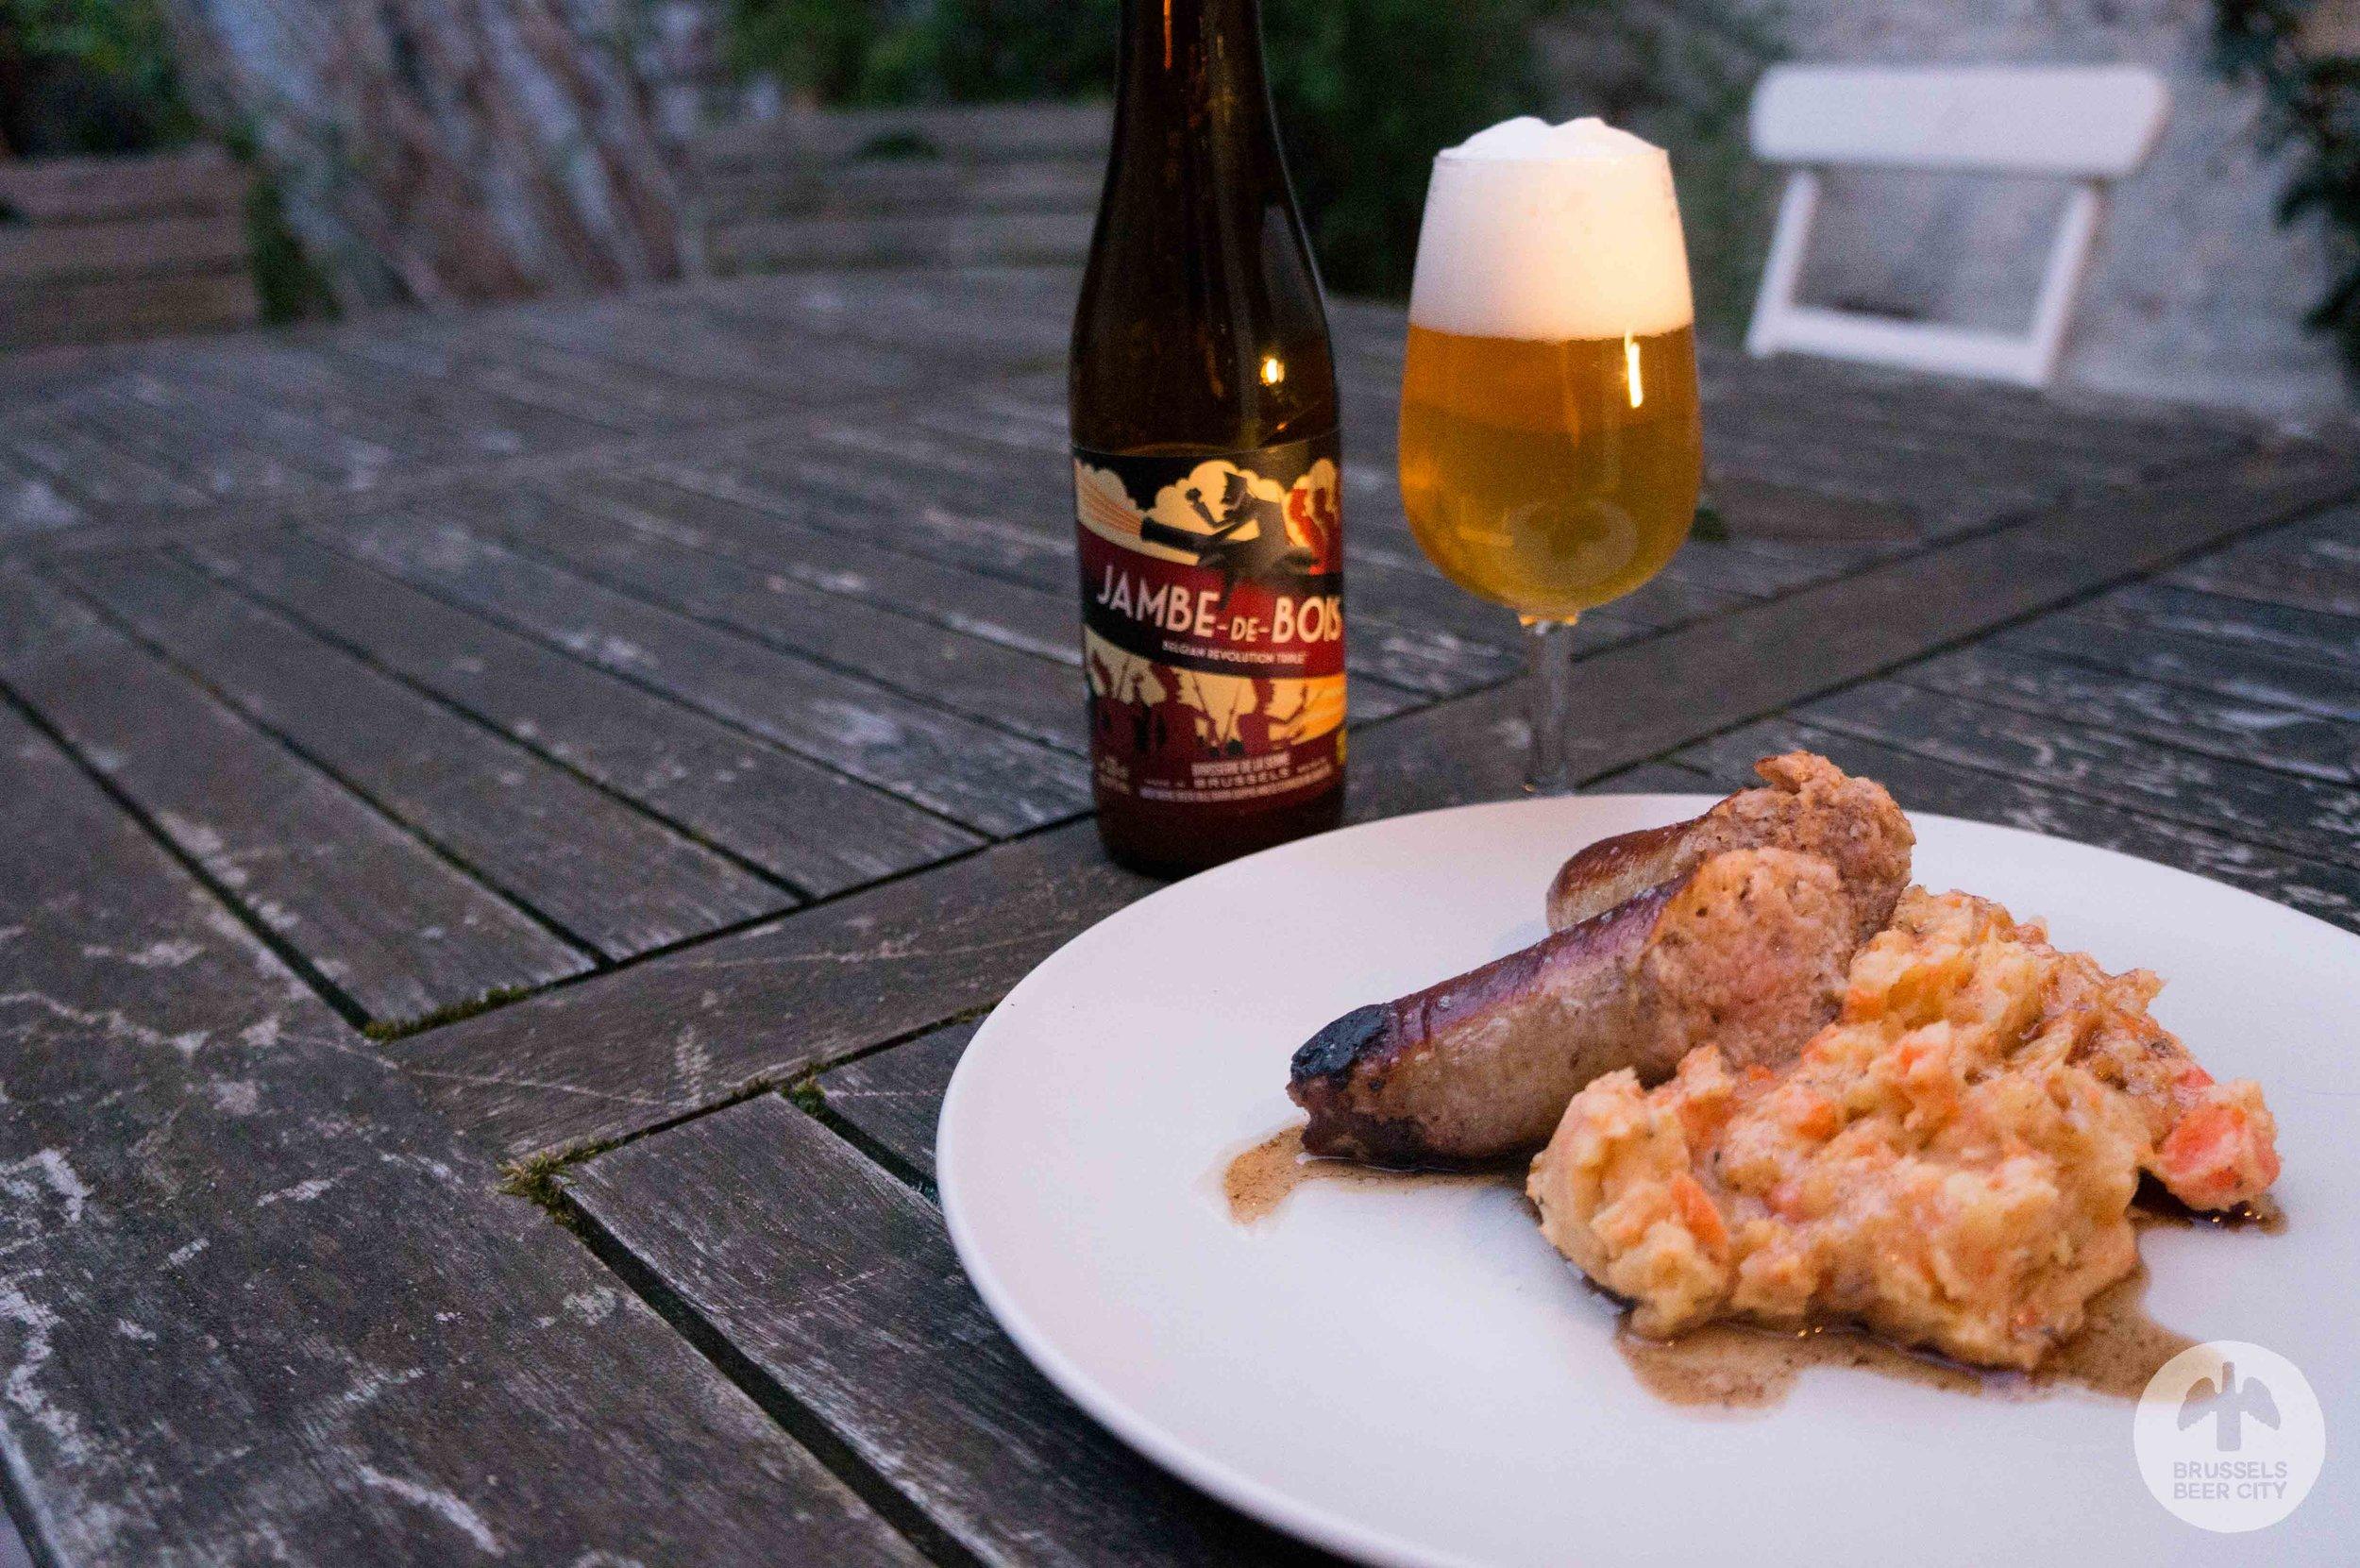 Stoemp with Brasserie de la Senne Jambe-de-bois